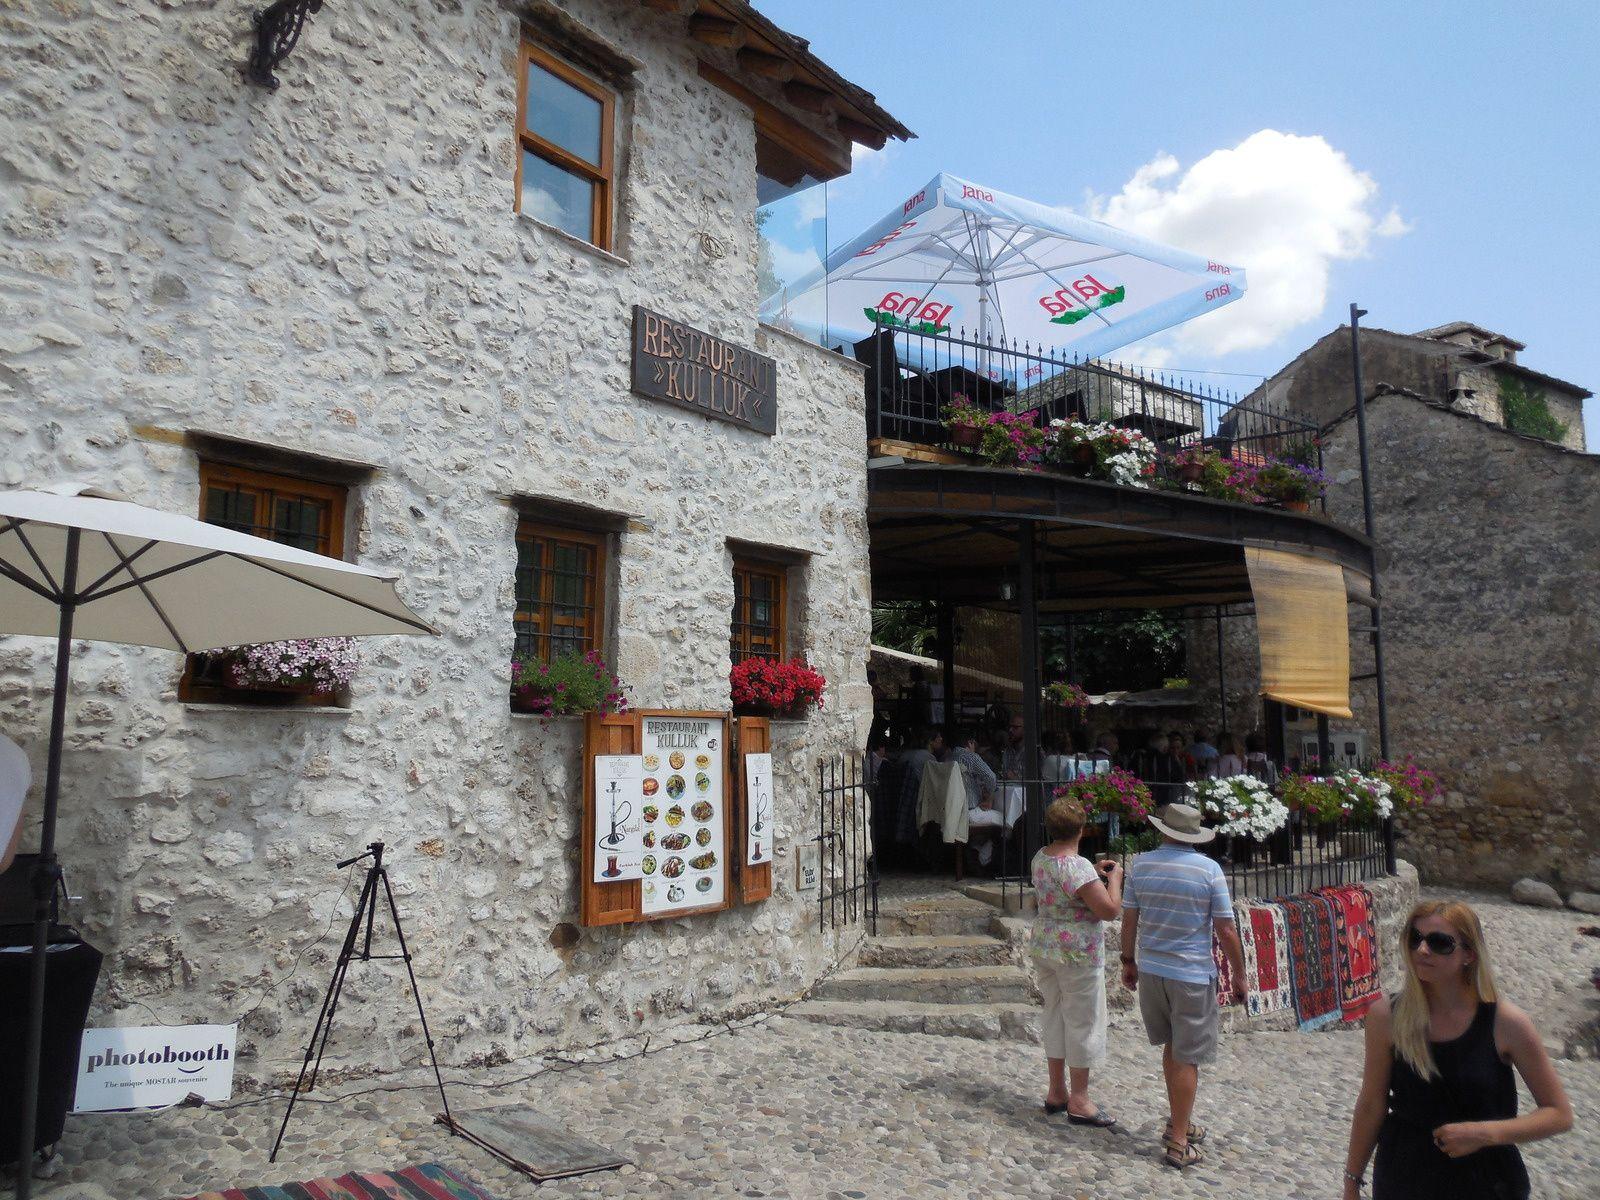 De nombreux restaurants jalonnent les rues de la vieille ville...